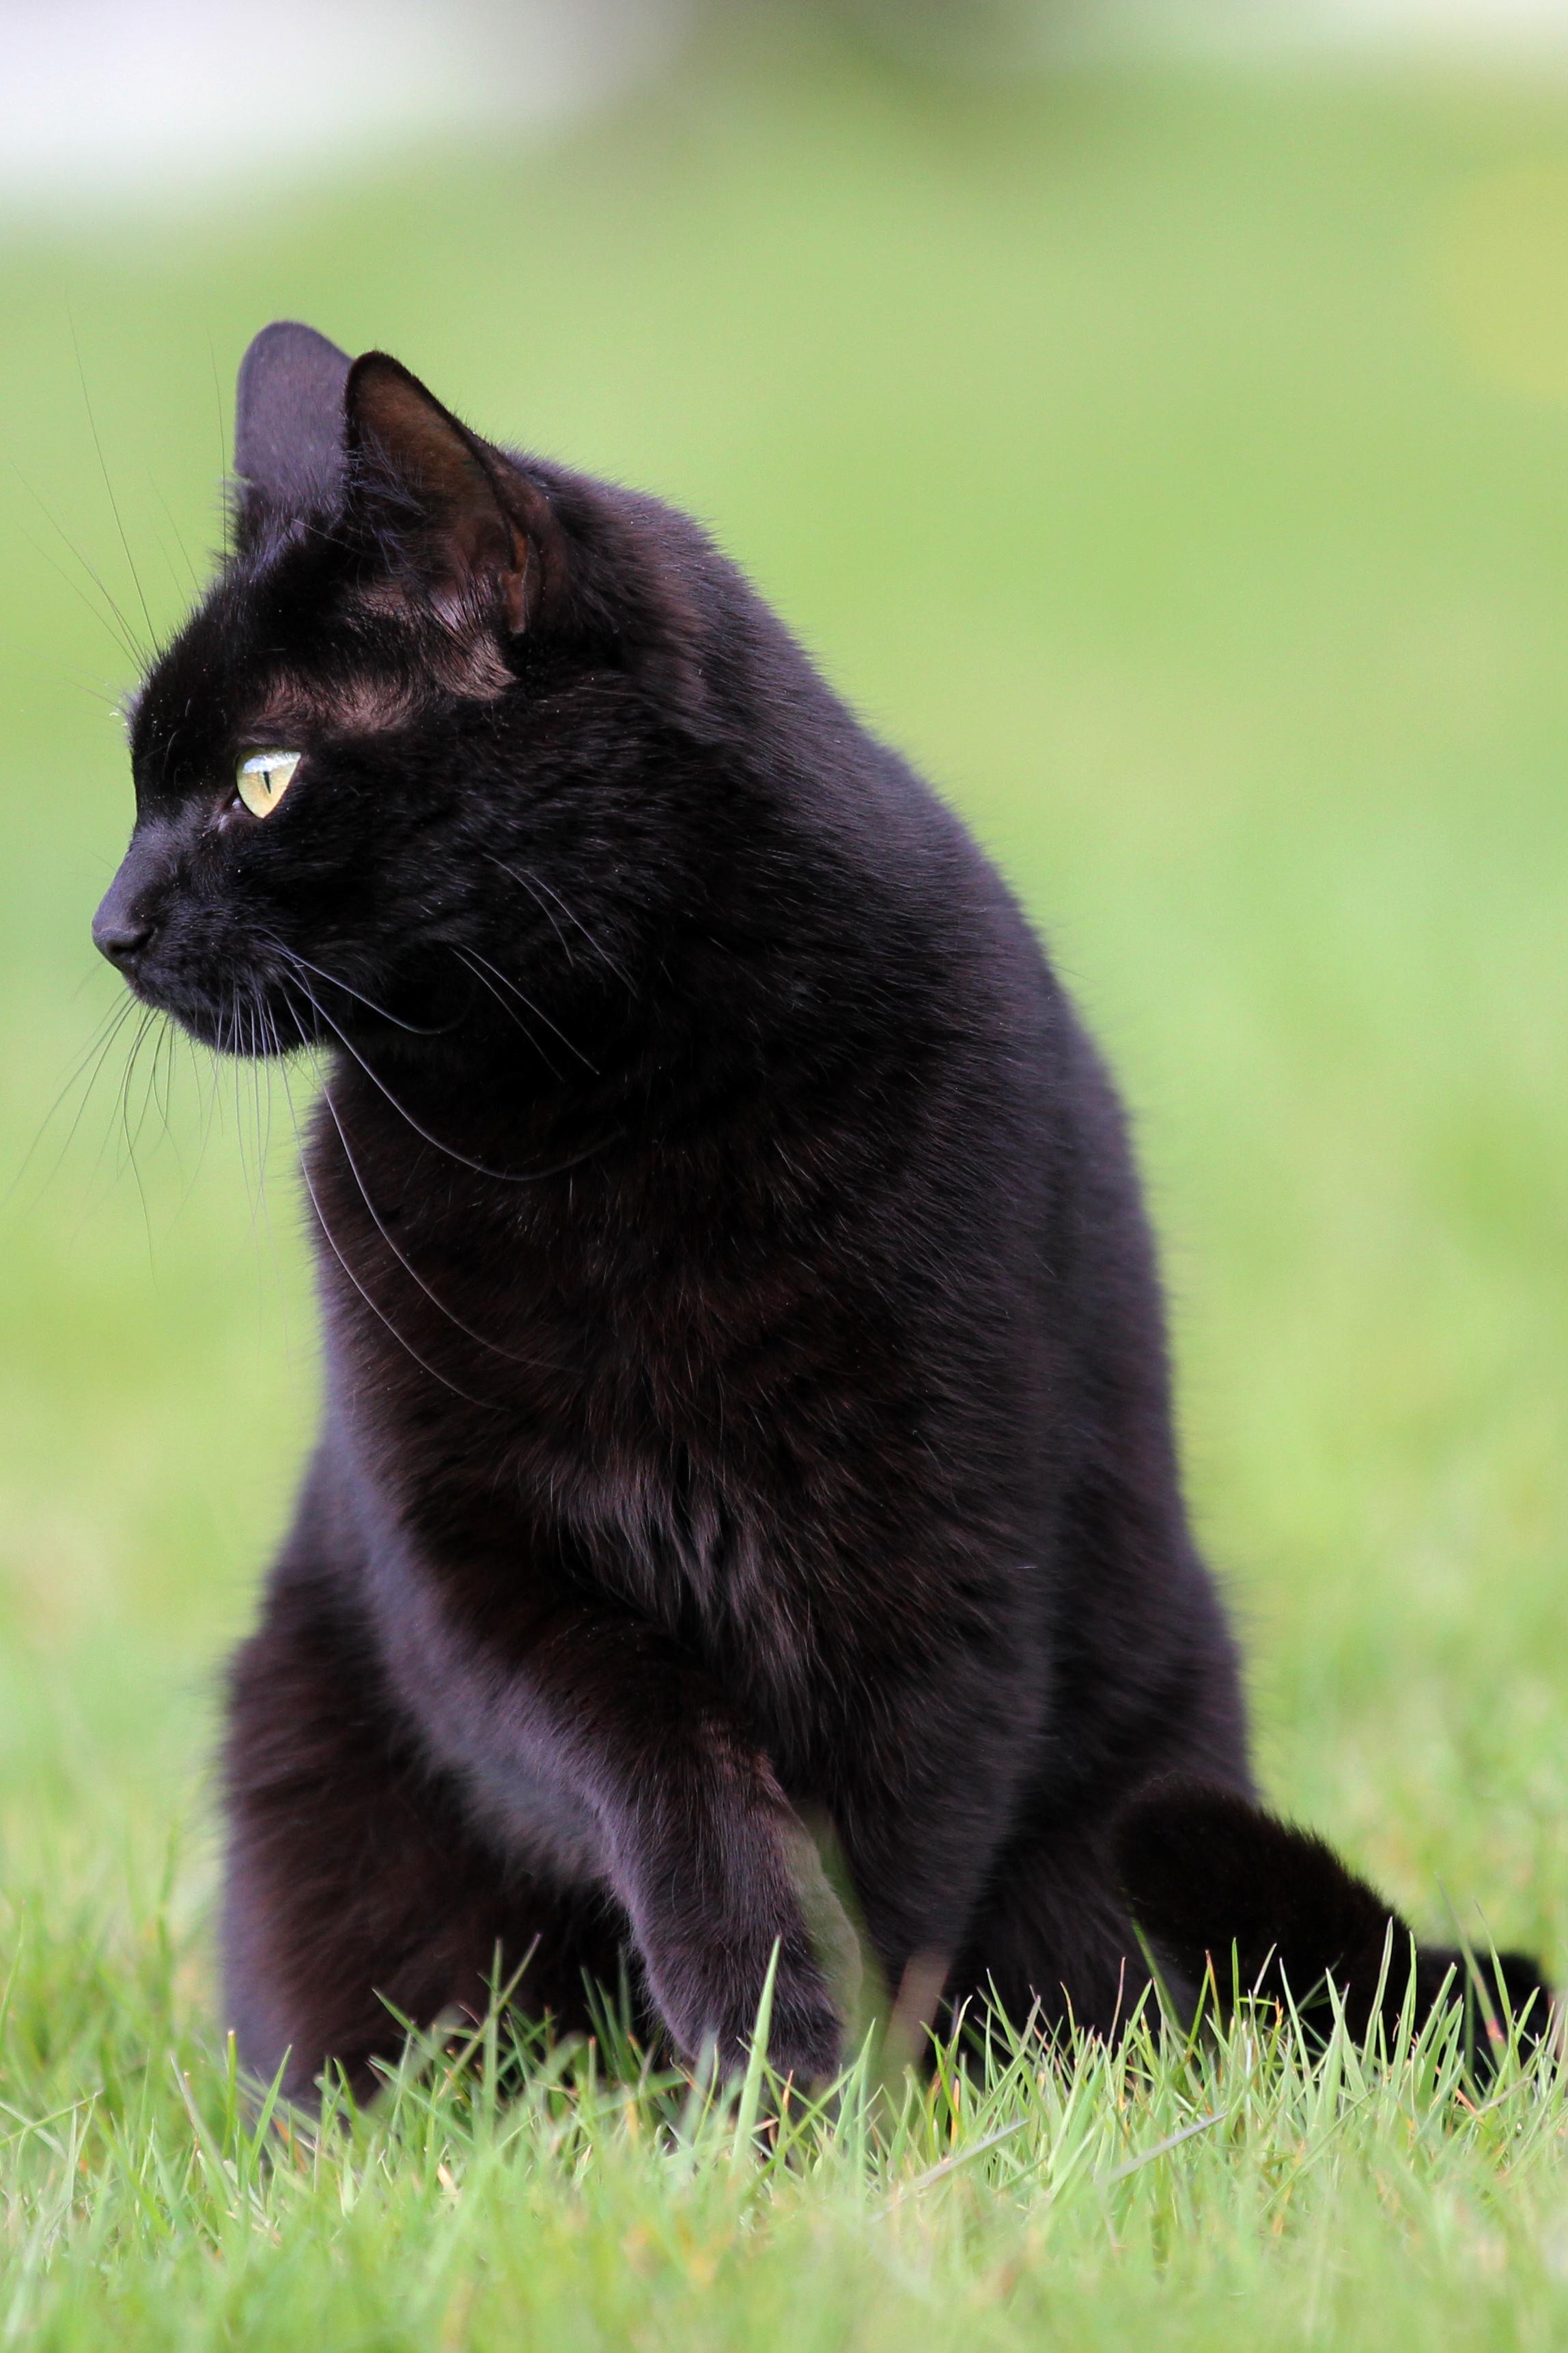 картинка чорного кота который сегодня можно